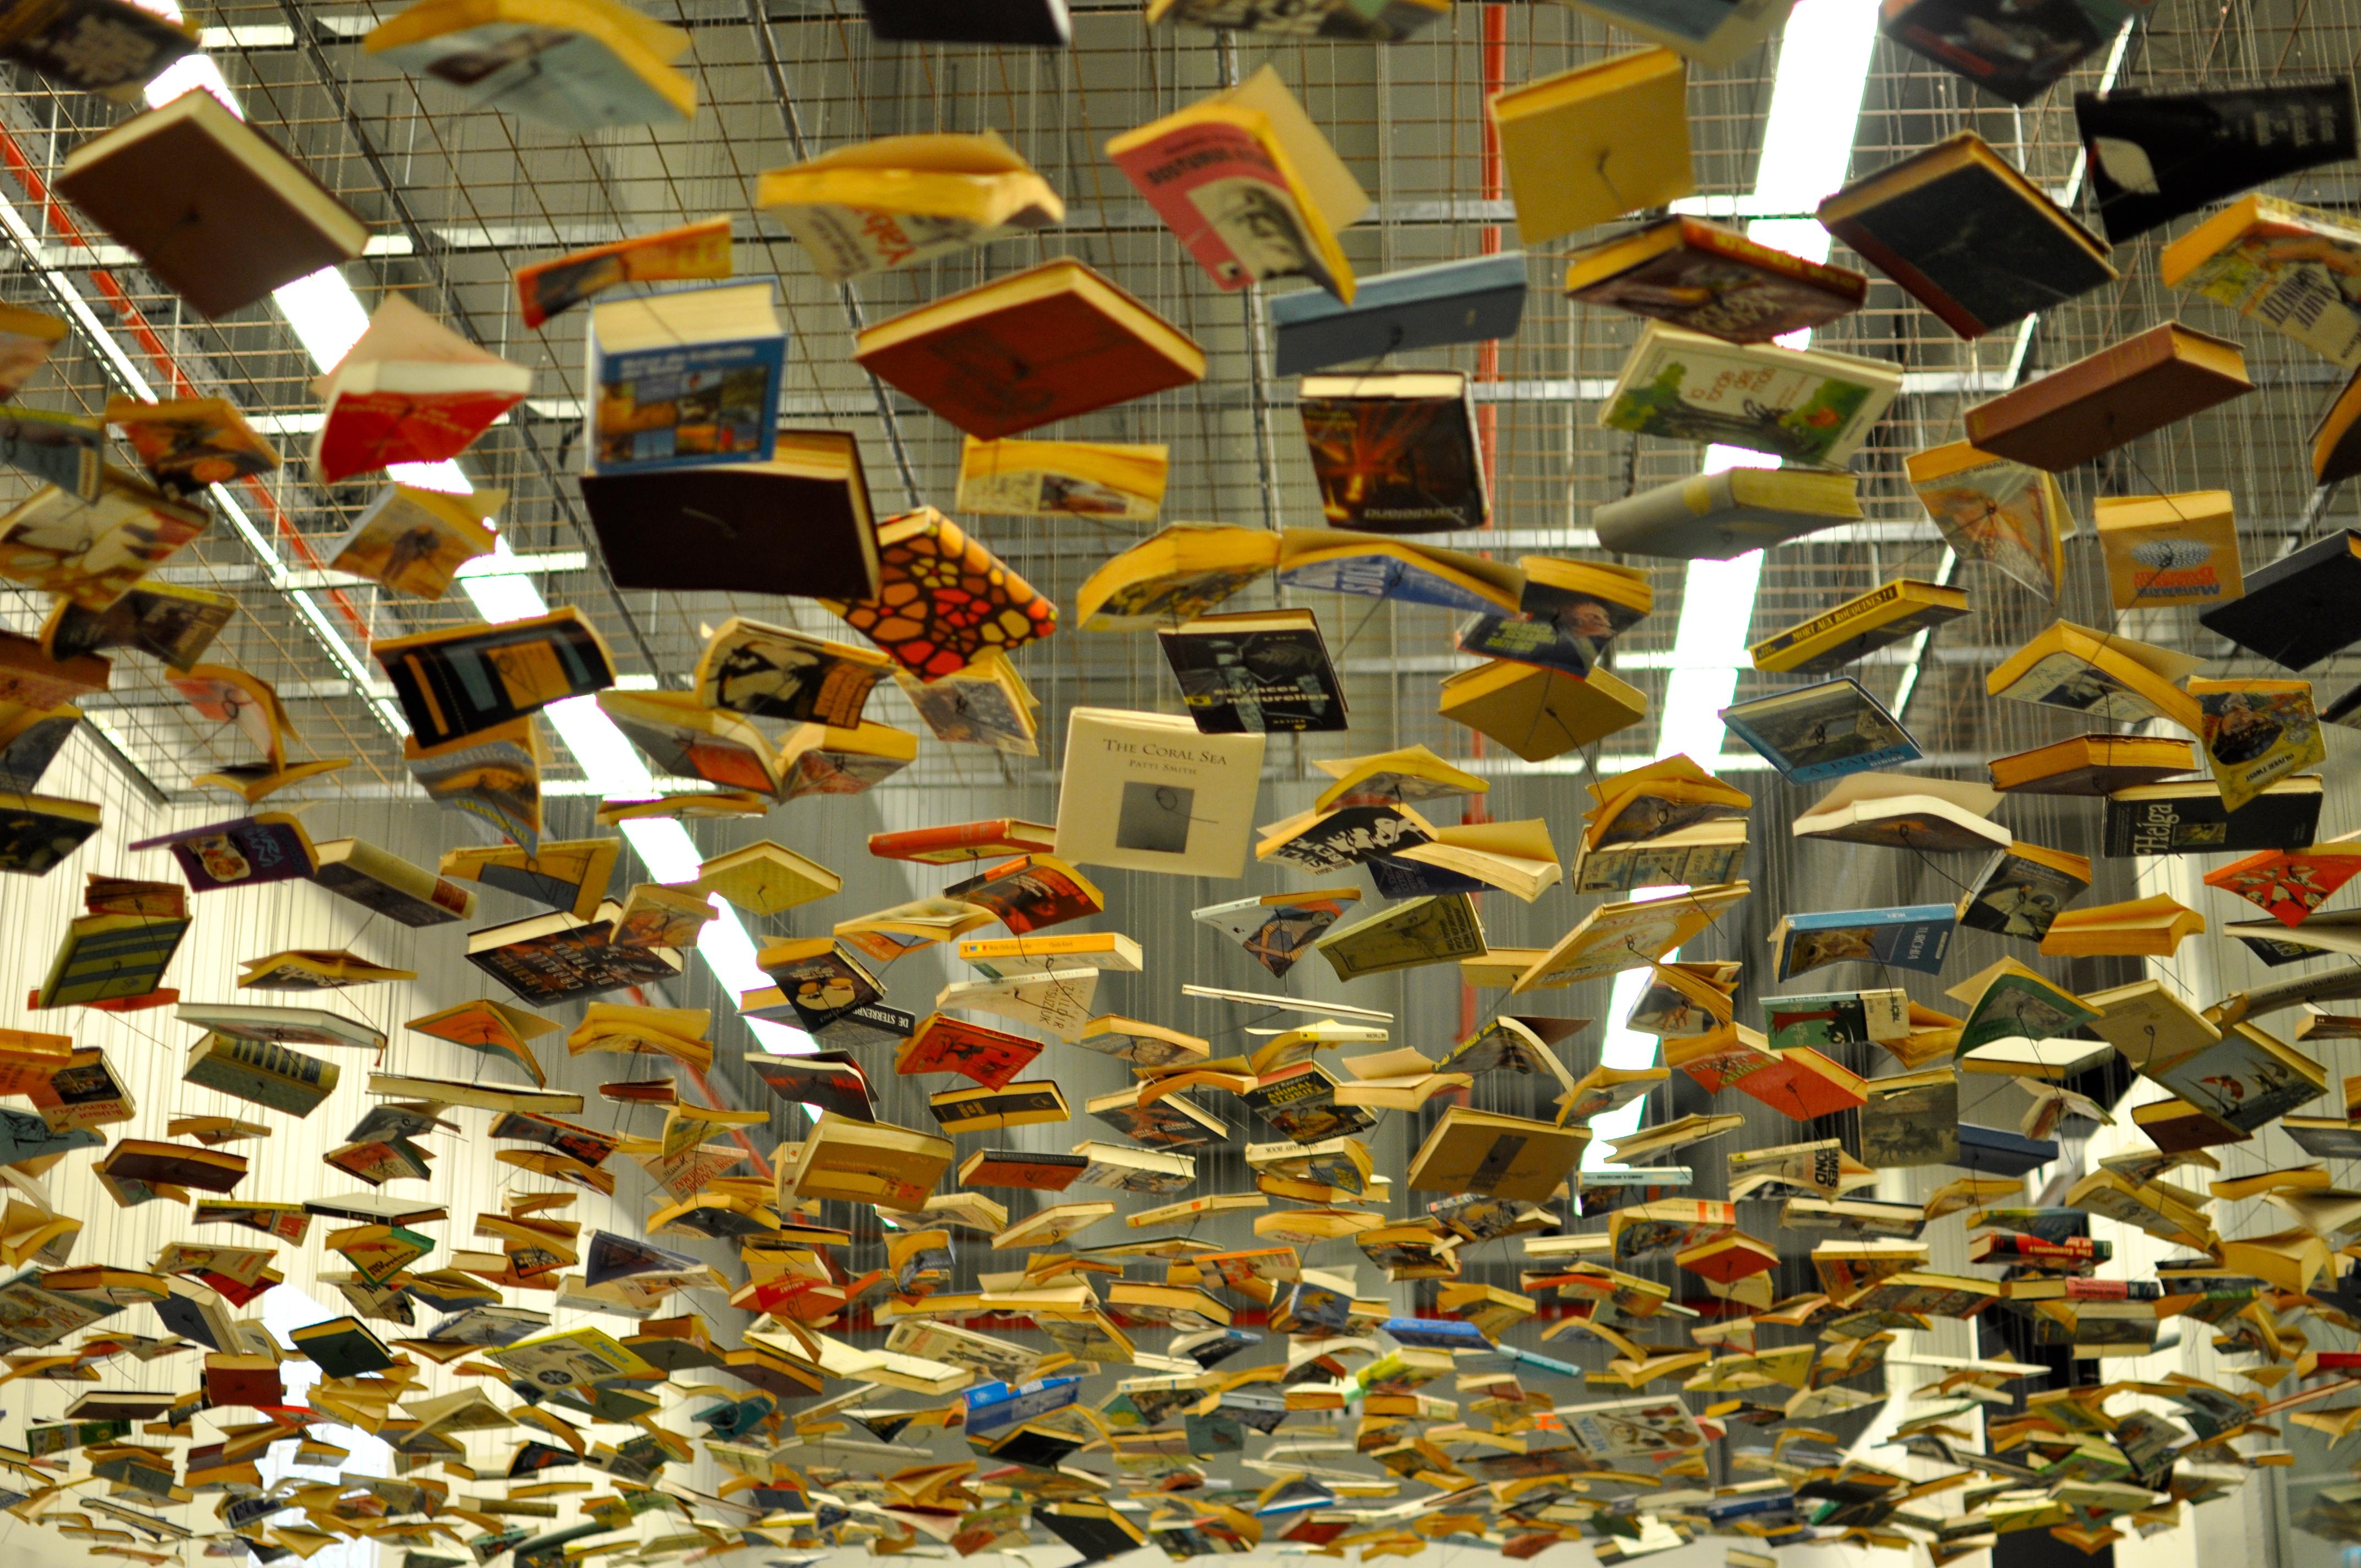 الكتاب بين المعارض والمكتبات والنسخة الإلكترونية